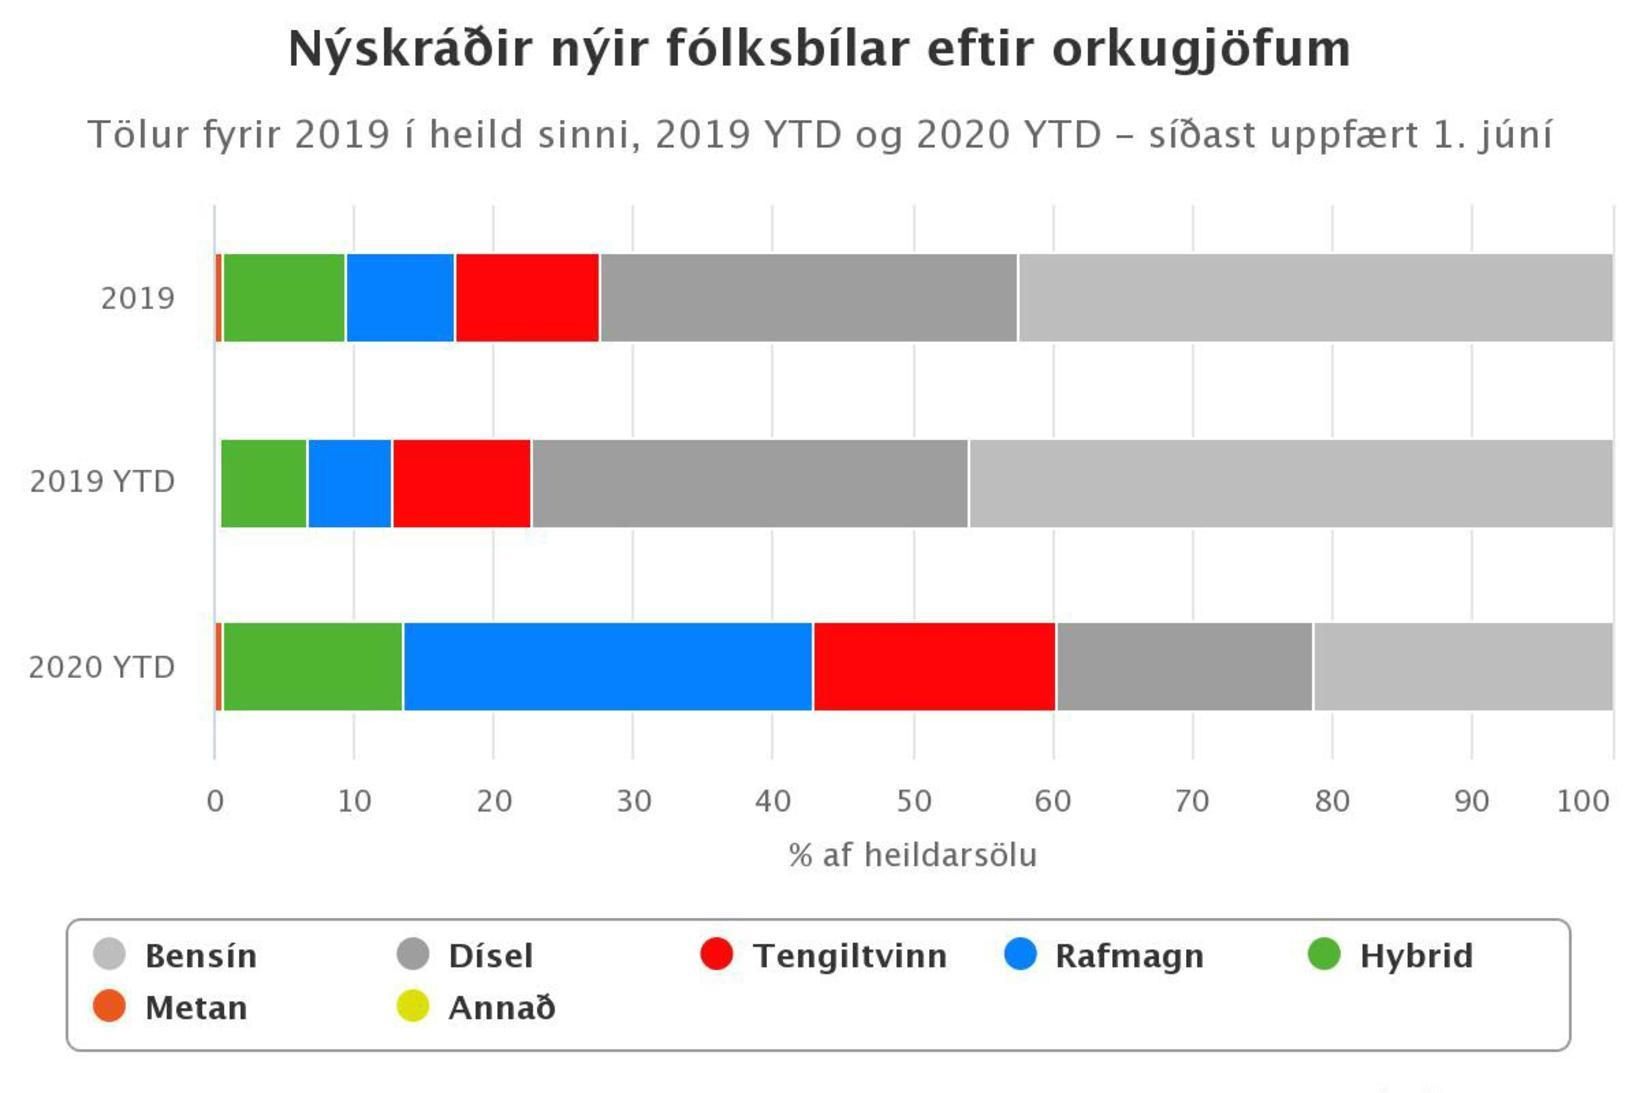 Nýskráðir fólksbílar eftir orkugjöfum.